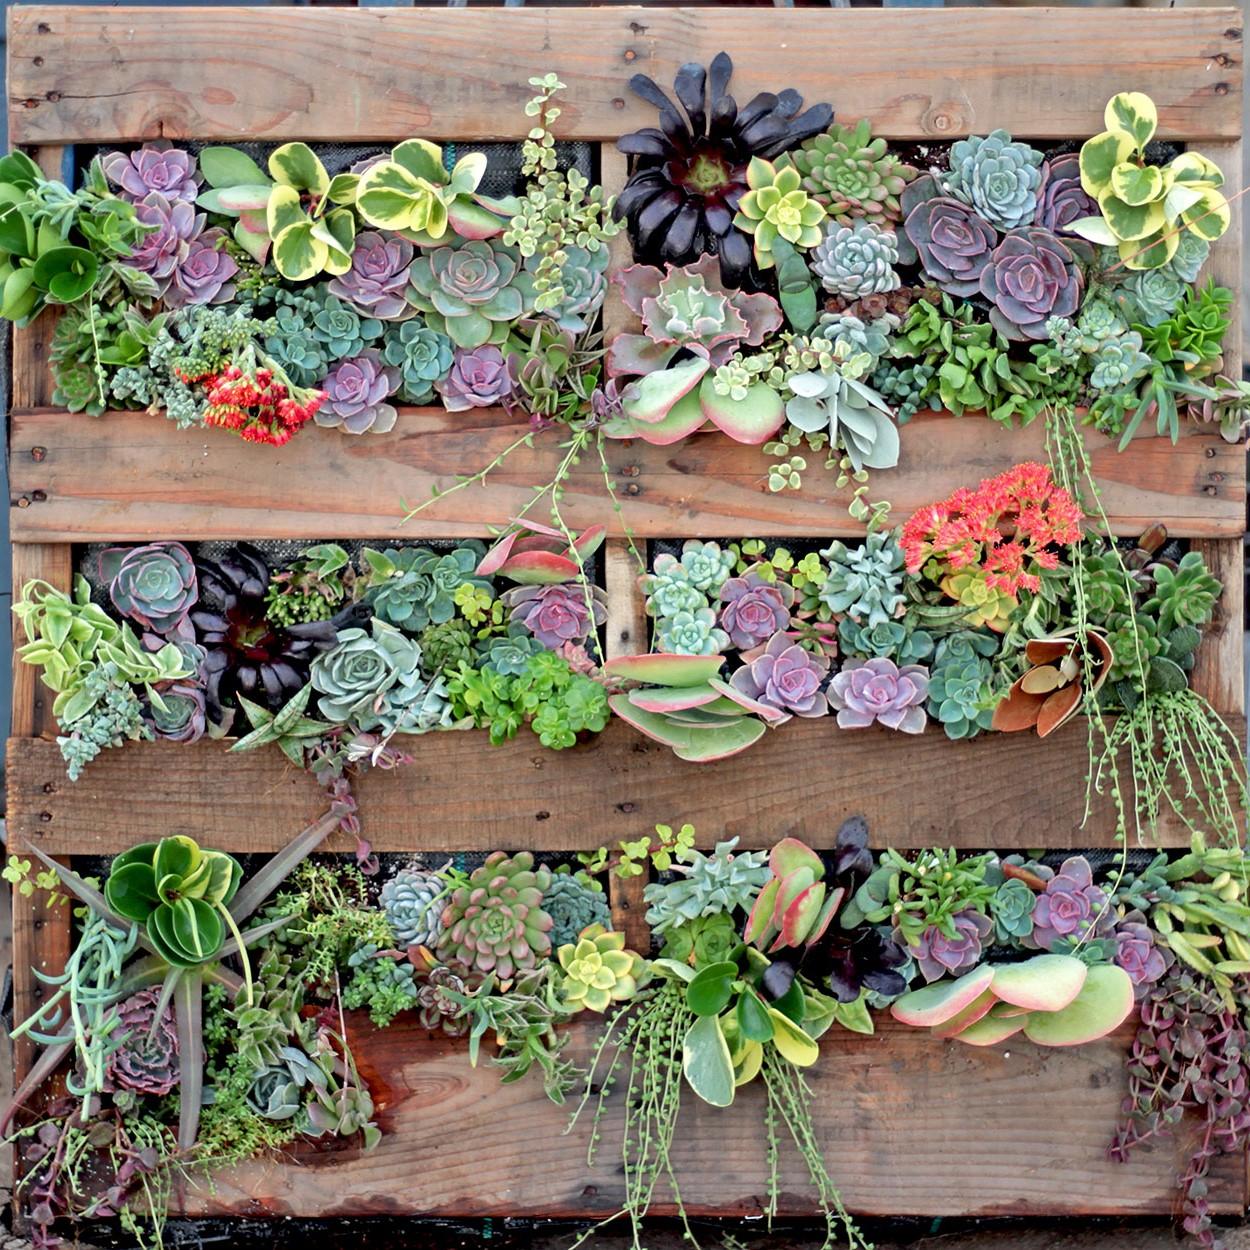 Jardin vertical avec plantes succulentes.